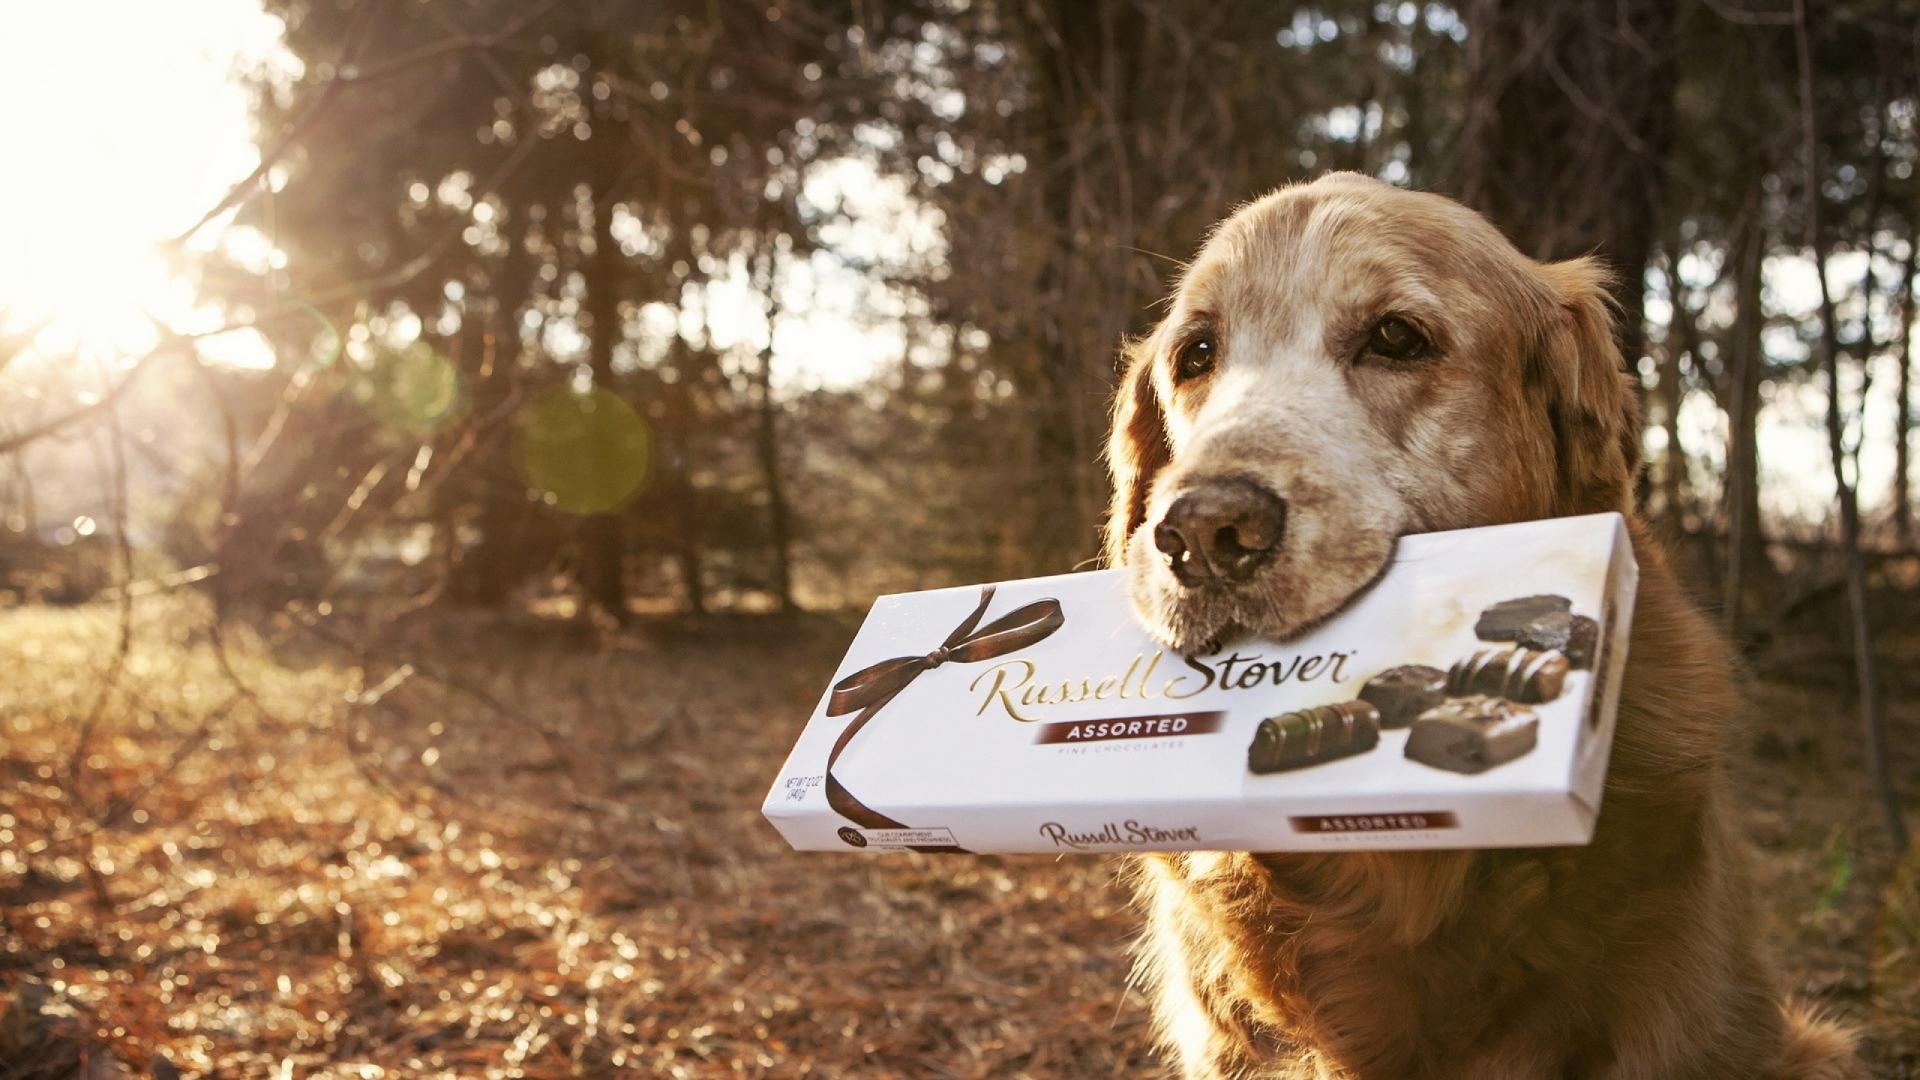 Не поддавайтесь жалобным мордам: шоколад невероятно опасен для собак